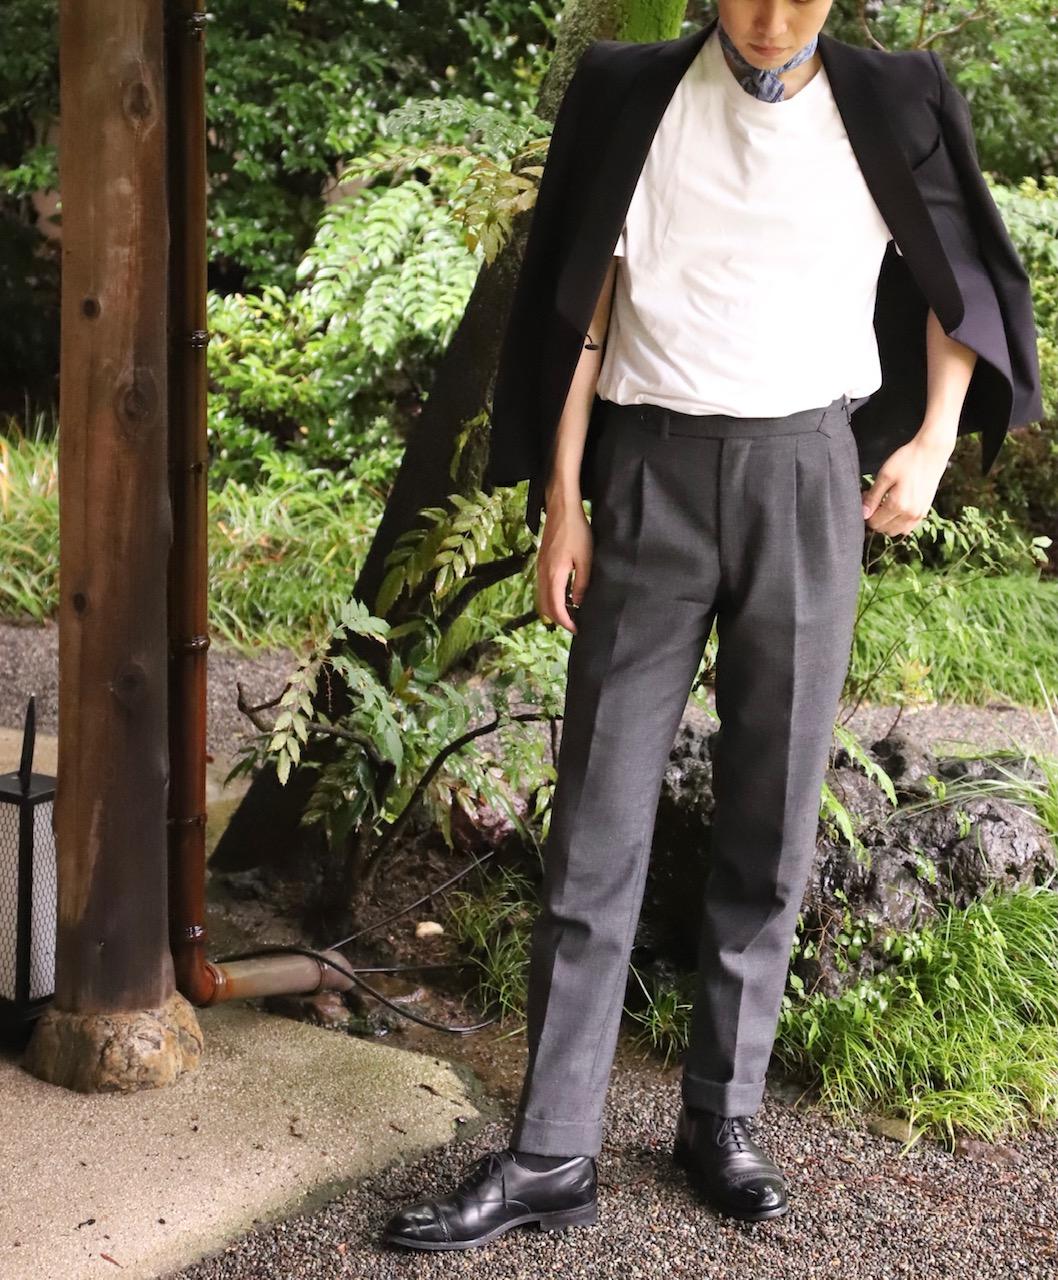 ザトリートドレッシング大阪店がご紹介するご新郎様におすすめのオーダータキシードを使用したカジュアルコーディネート